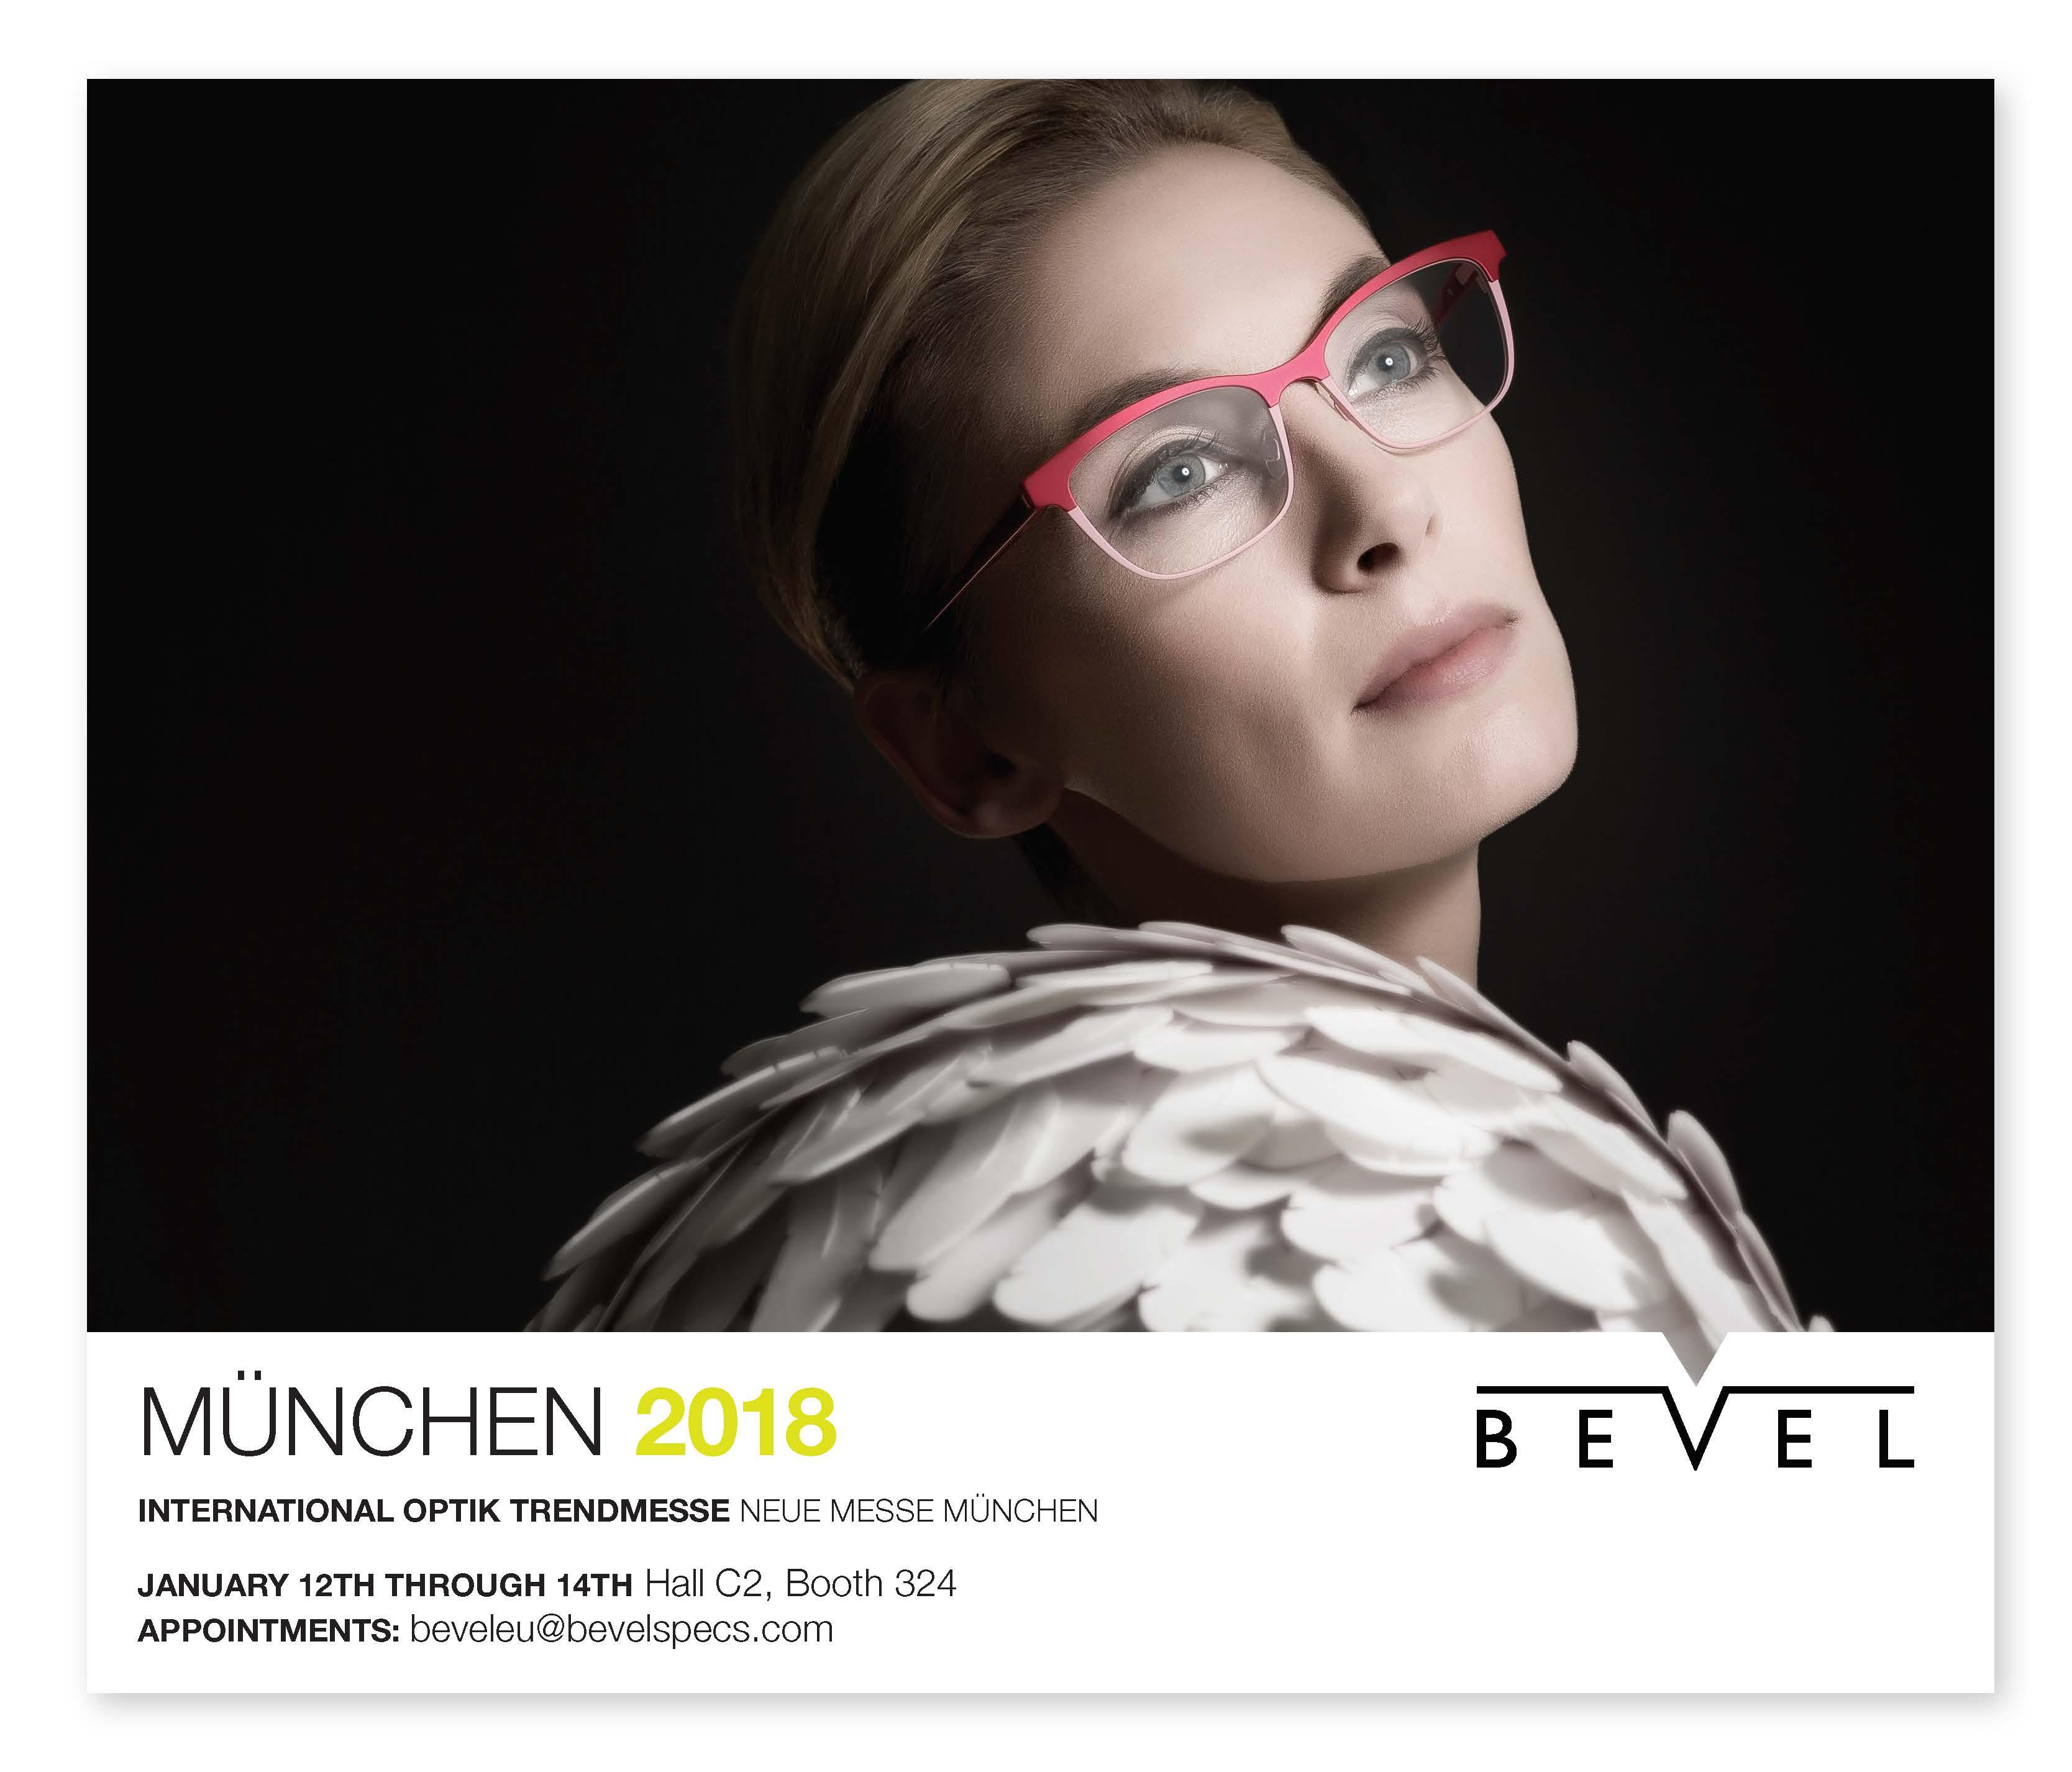 Bevel in Munich